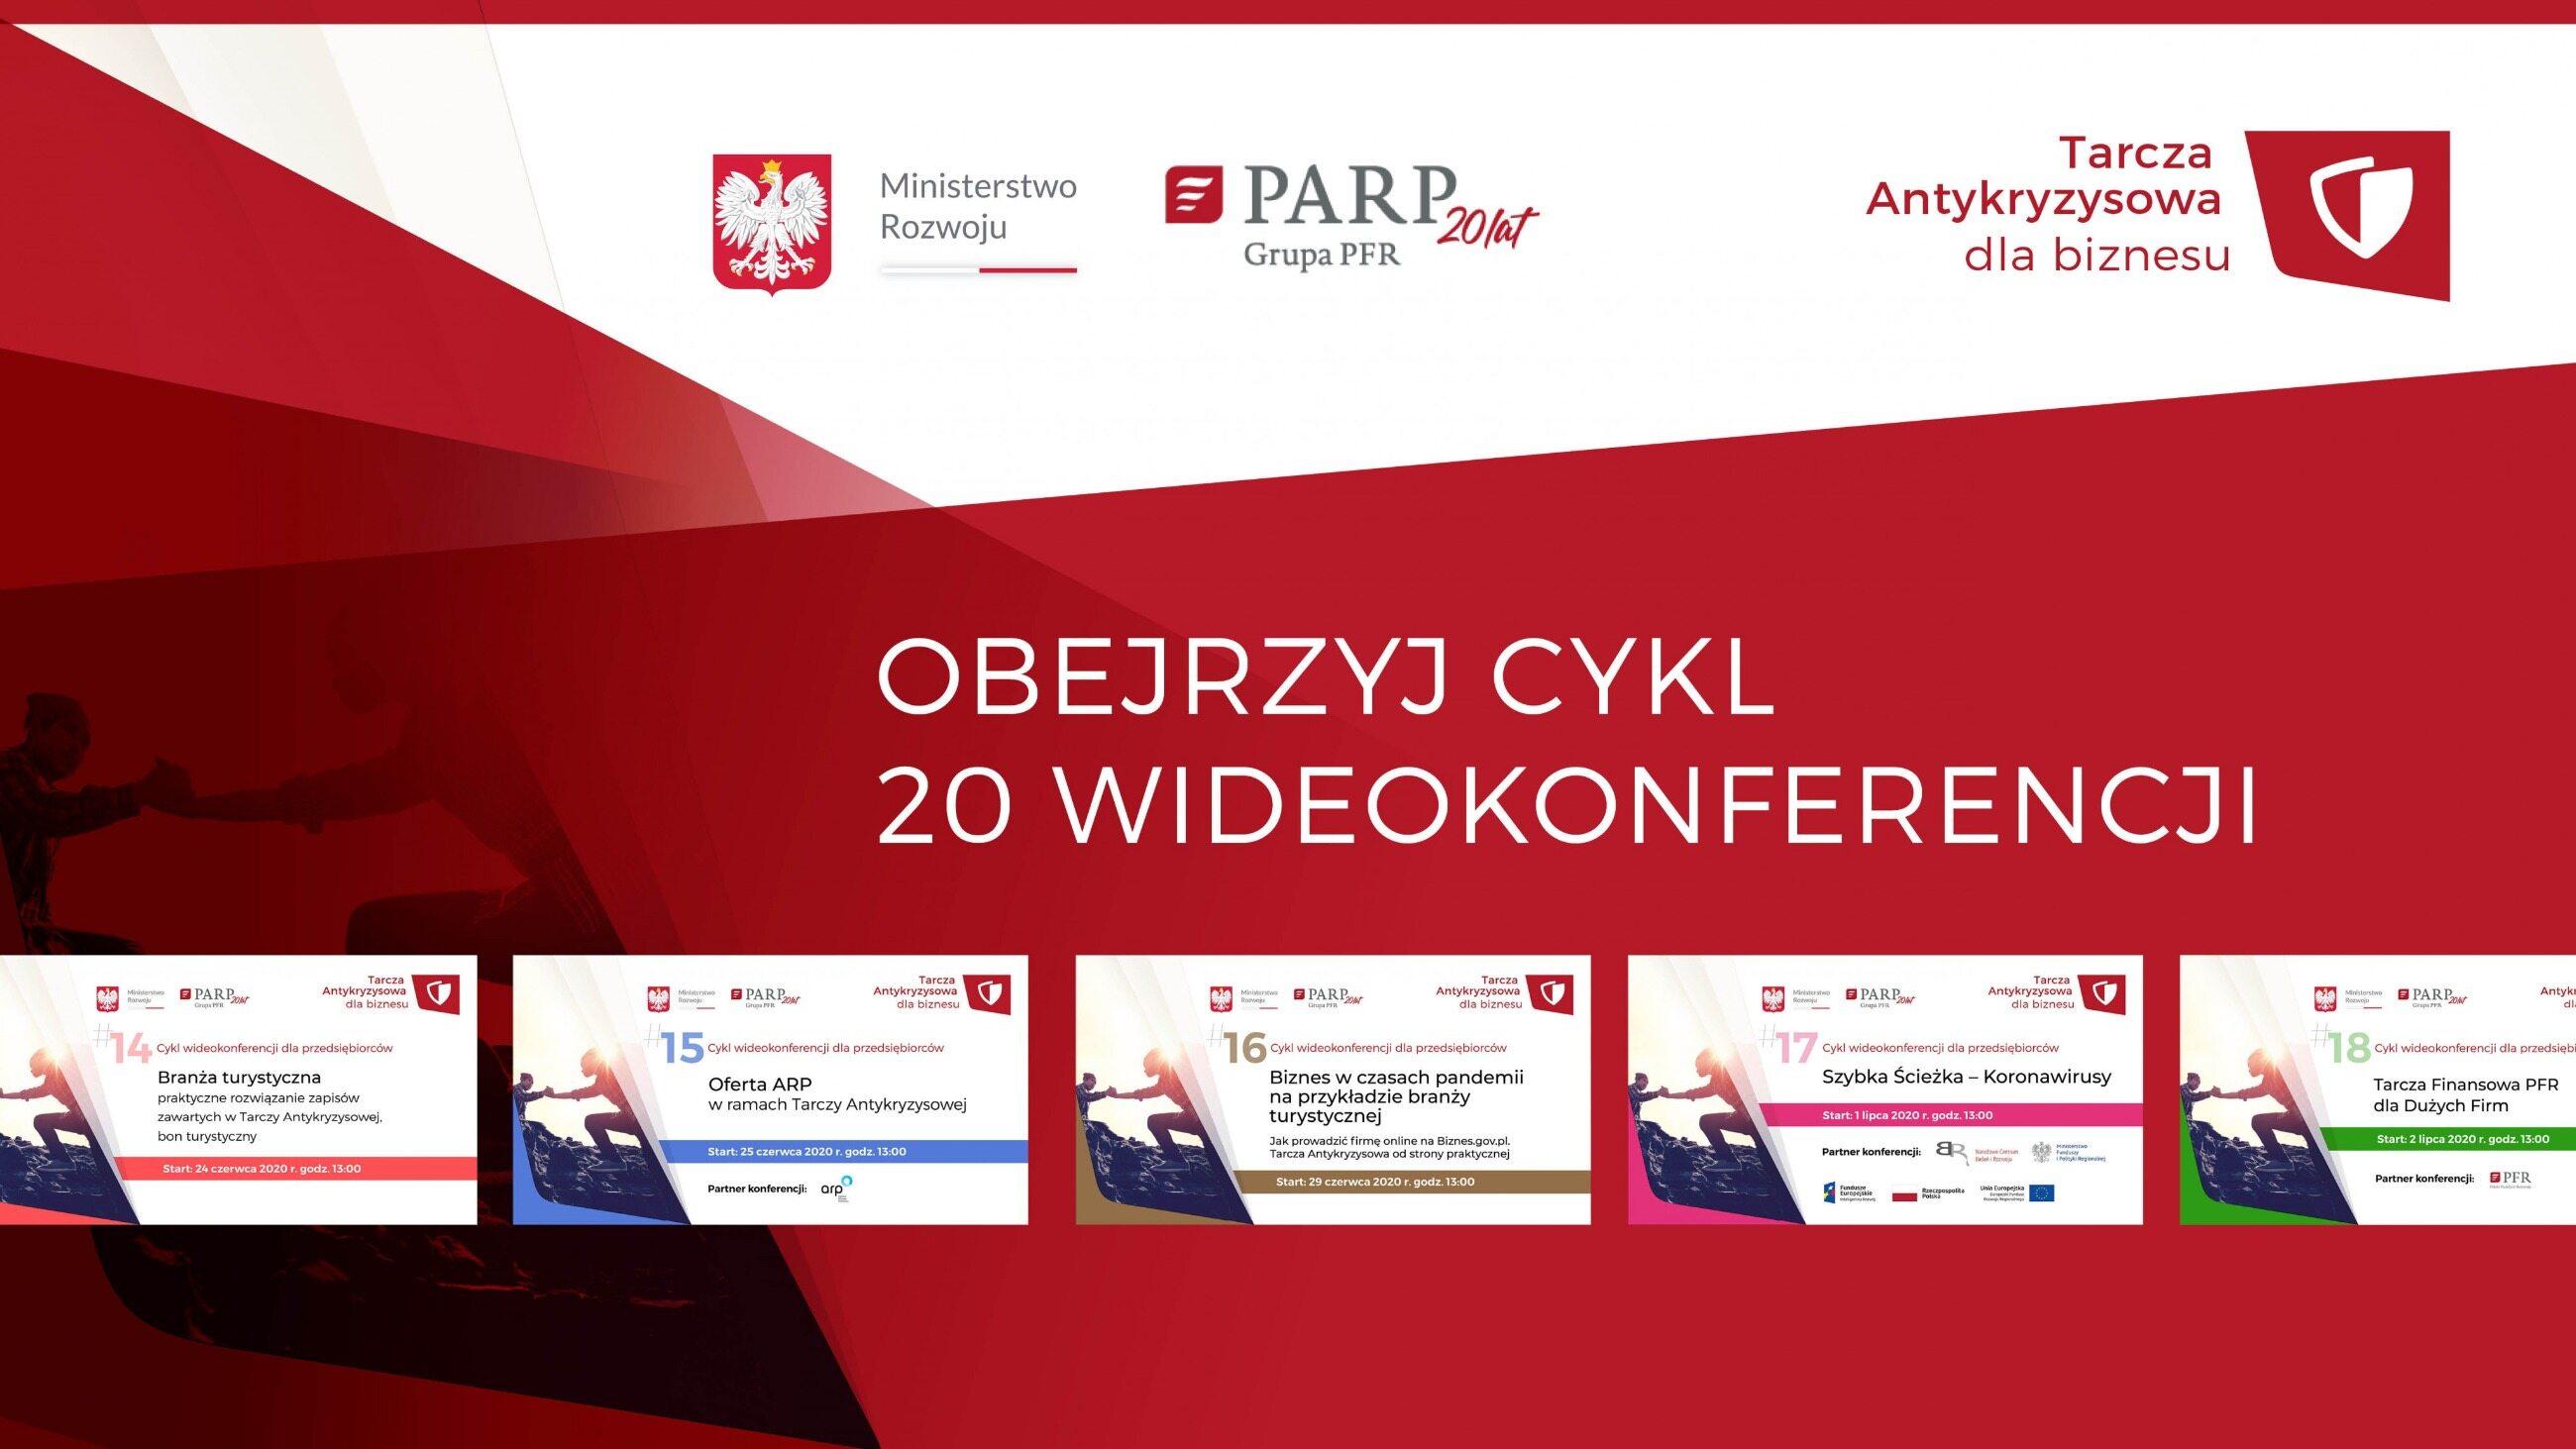 Cykl konferencji dlaprzedsiębiorców (źródło: PARP)